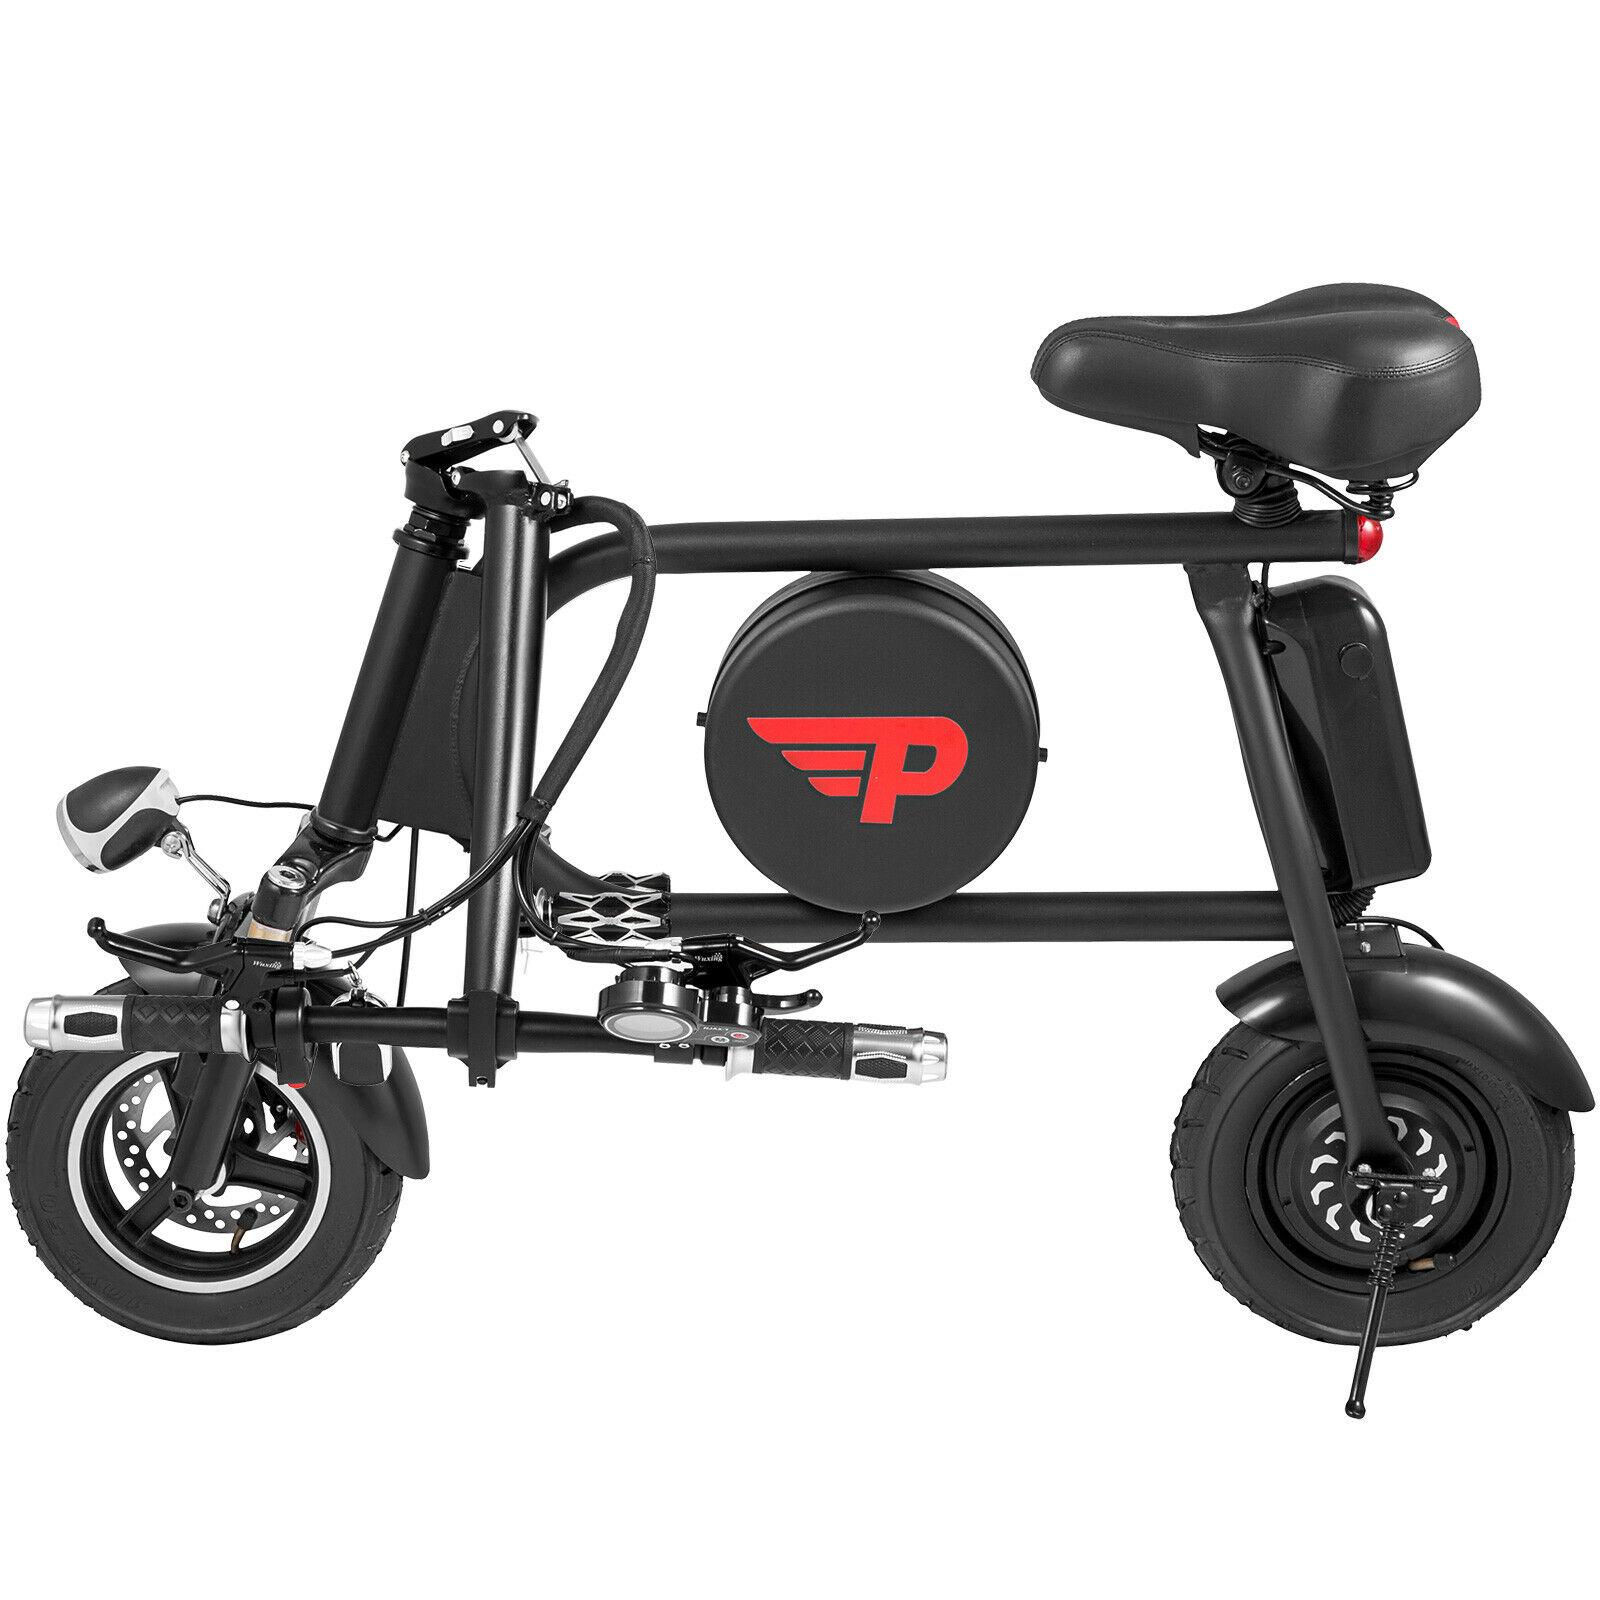 Складной электрический велосипед 35 км/ч E-bike 16AH пульт дистанционного управления и Противоугонная 400 Вт